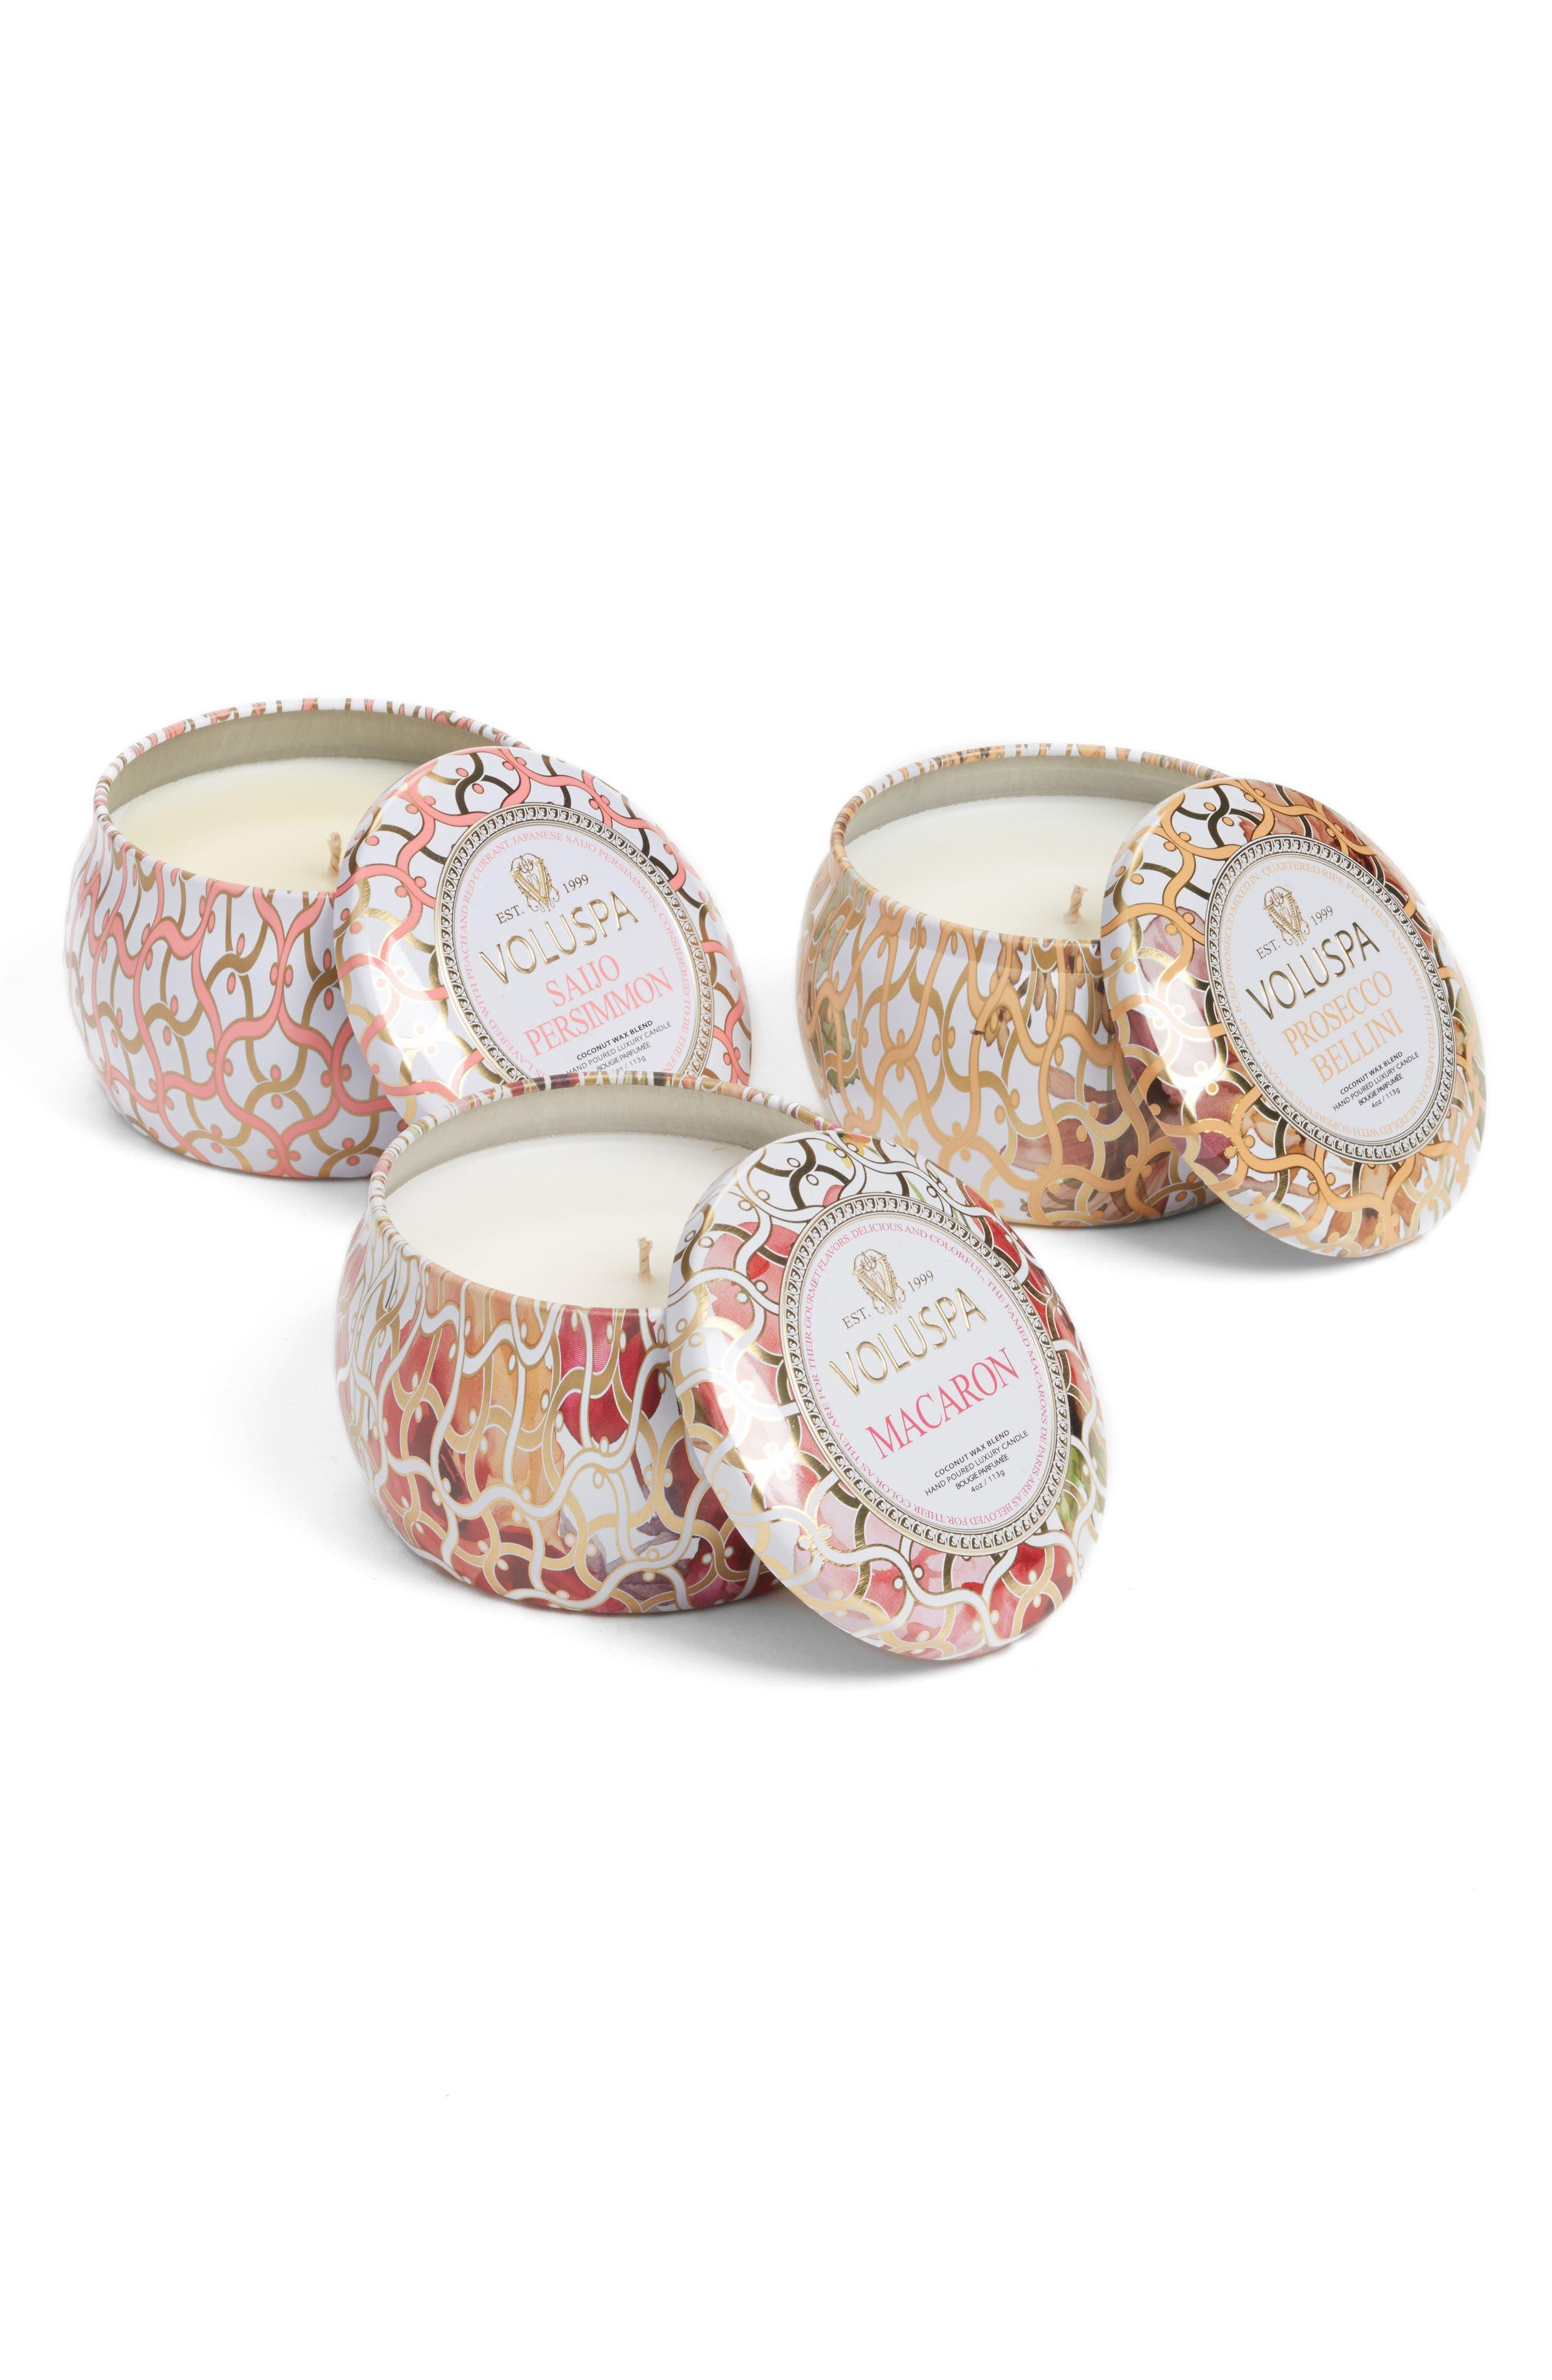 Maison Blanc Mini Tin Candle Set,                         Main,                         color, NO COLOR